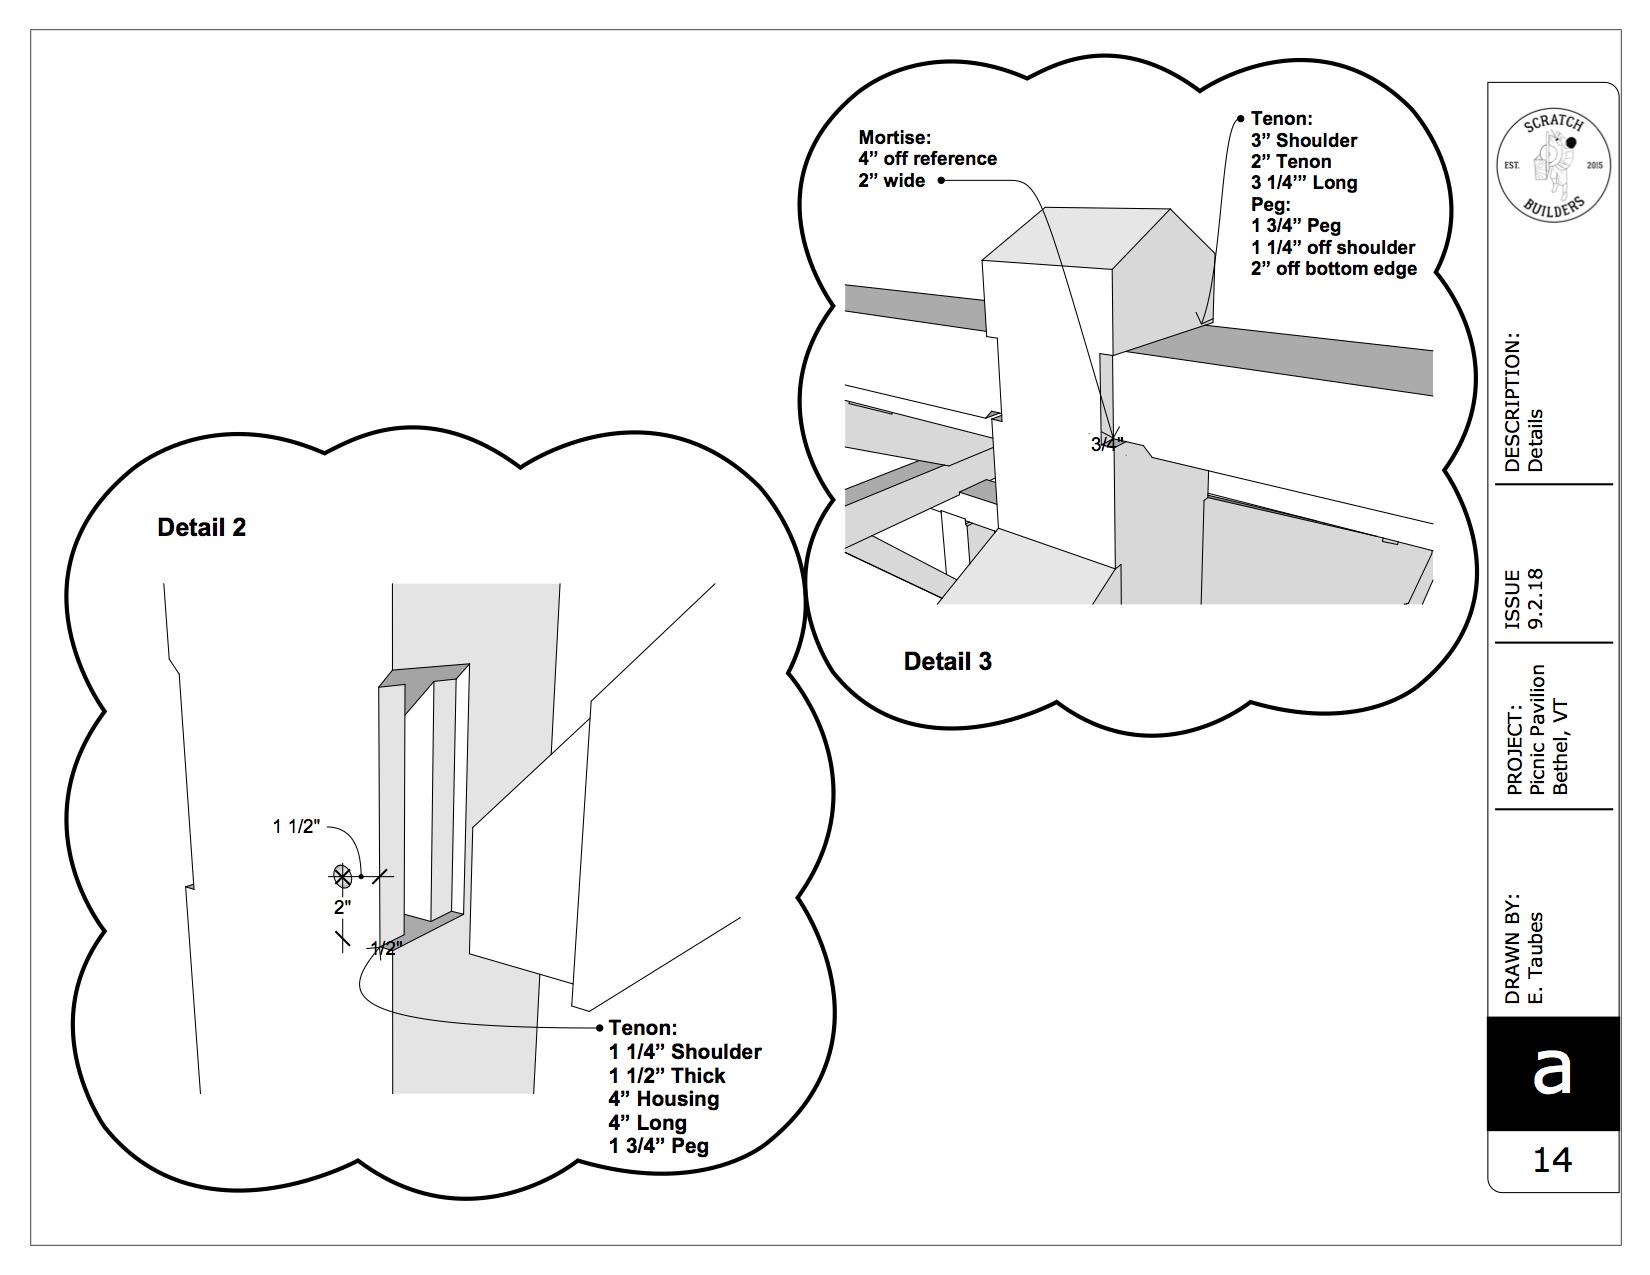 Strafford Drawing copy (dragged) 11.jpg